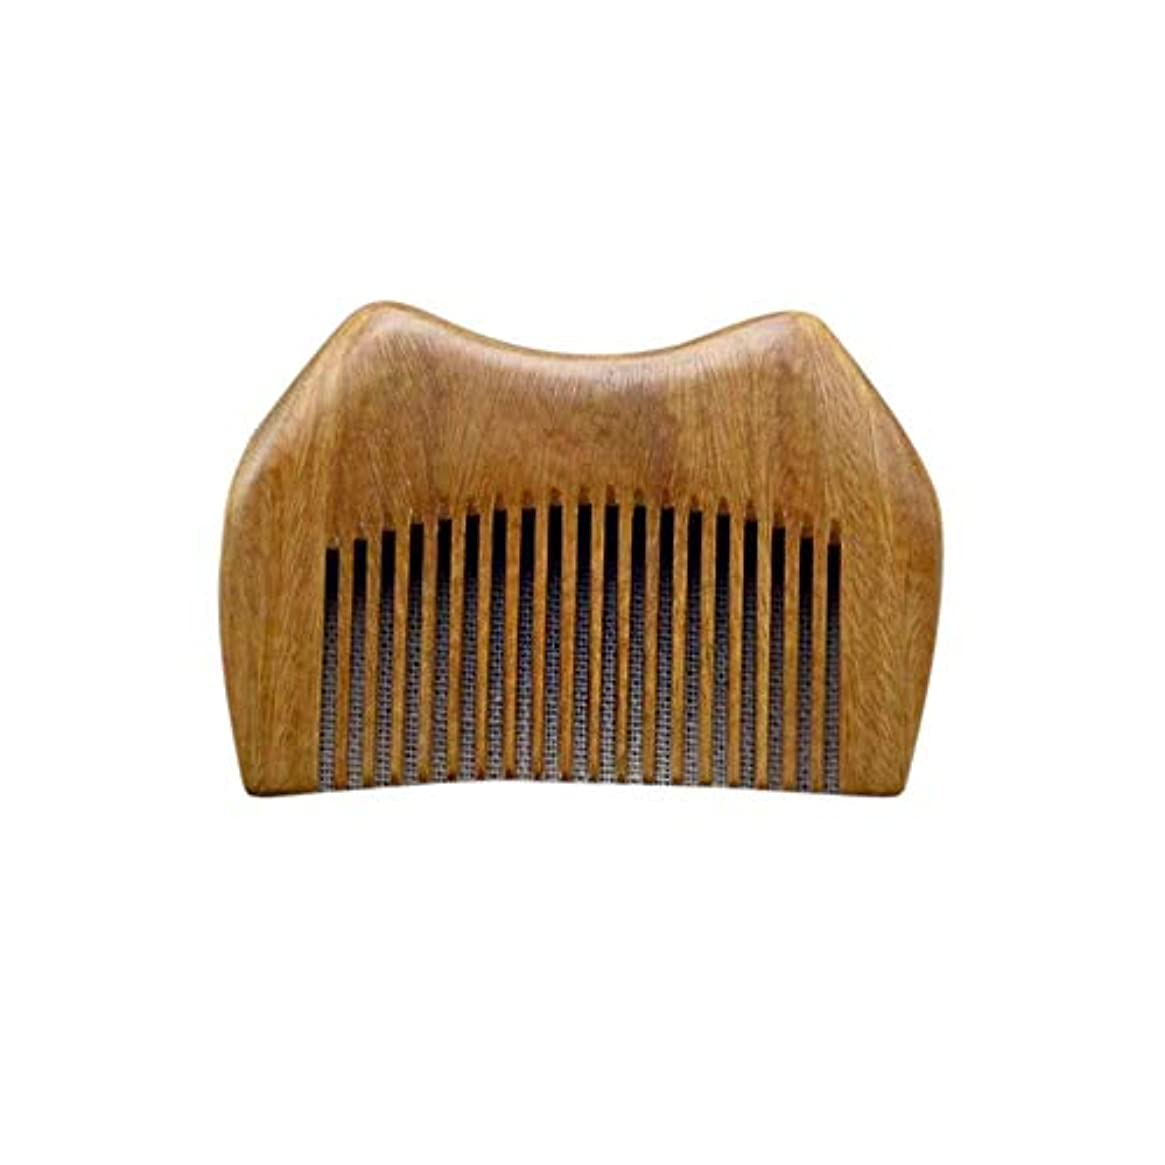 直立目指すつかの間WASAIO 静的グリーンサンダルウッド櫛手作り木製櫛櫛男性女性ウェットドライカーリーストレートヘアブラシブラシ手作り木製抗静的 (色 : Photo color)